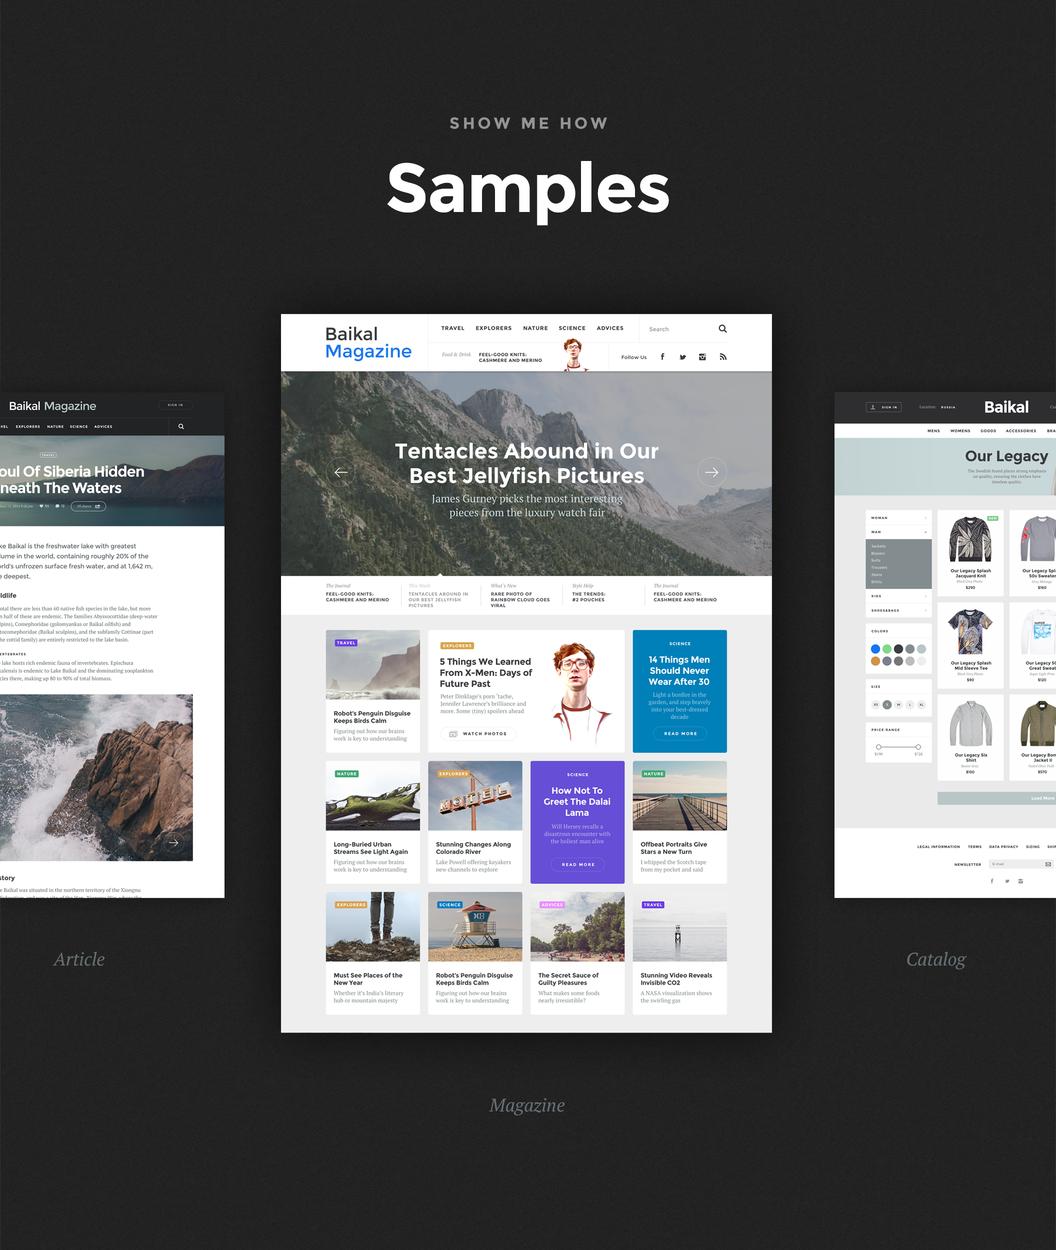 web ui design tools - full_Samples_1421784296008